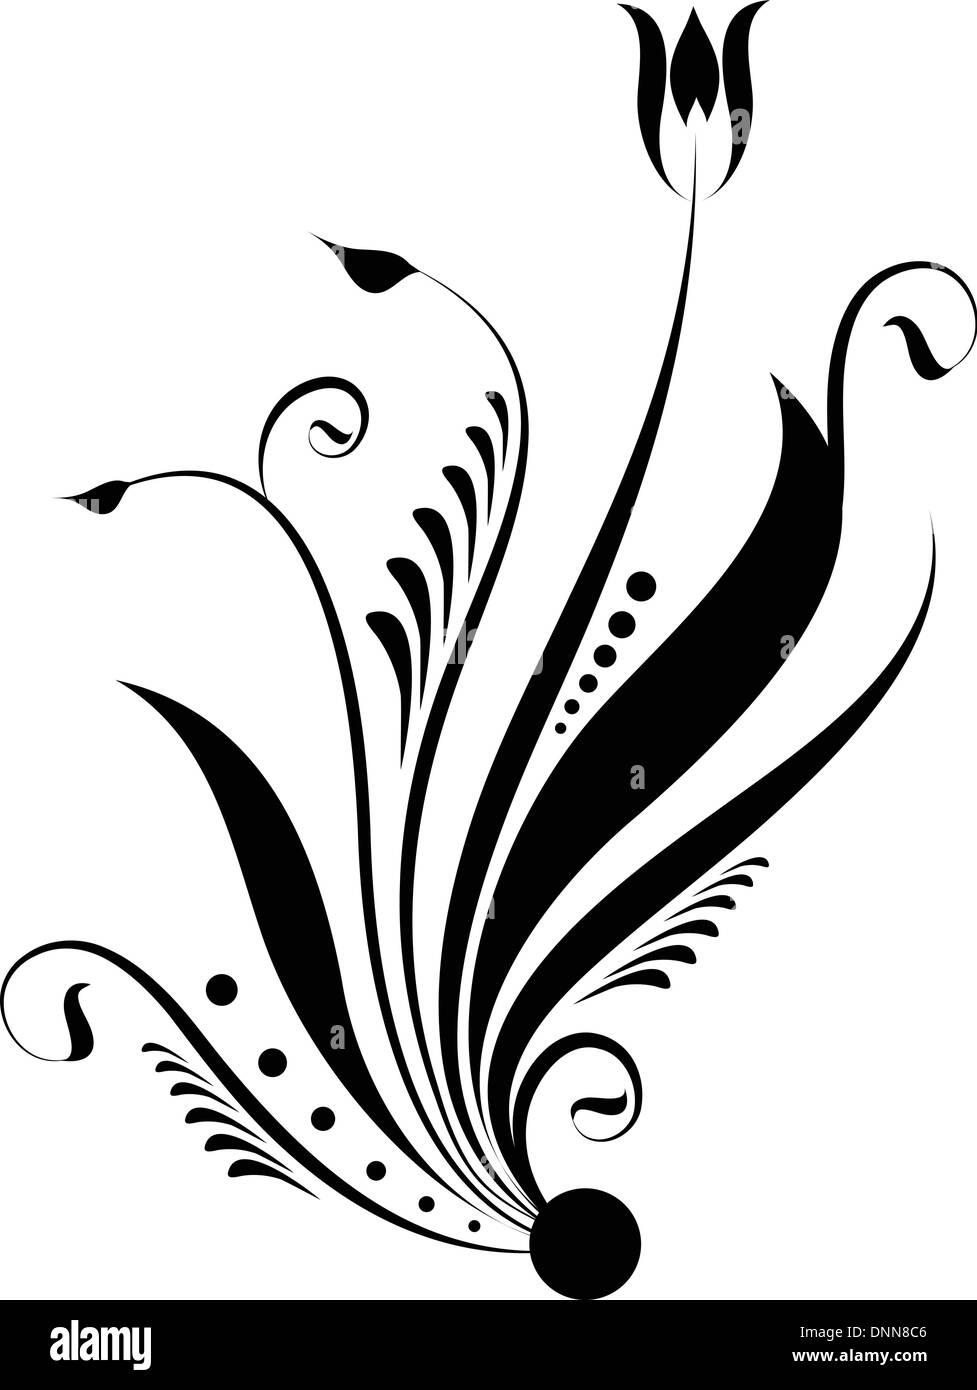 Diseño decorativo abstracto Imagen De Stock